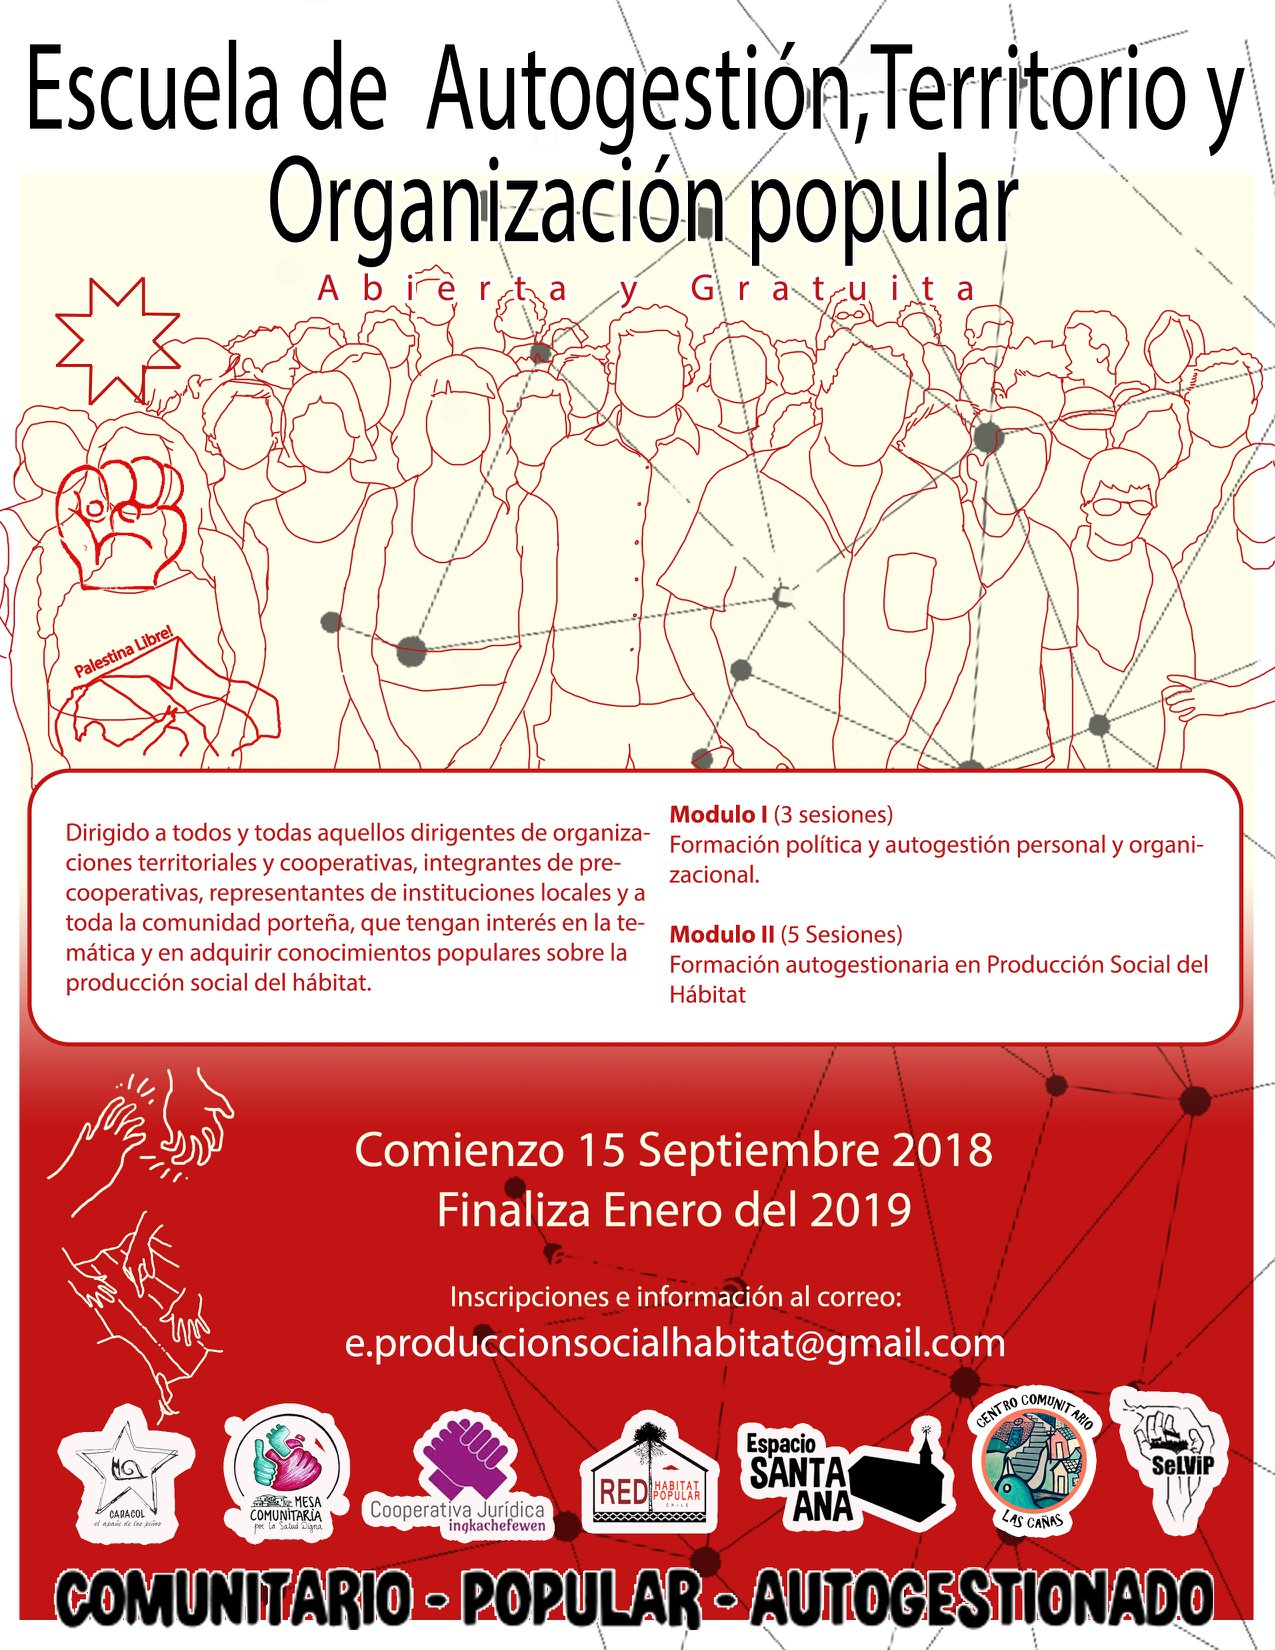 Valparaíso: Convocan a escuela de autogestión y organización popular en Espacio Santa Ana